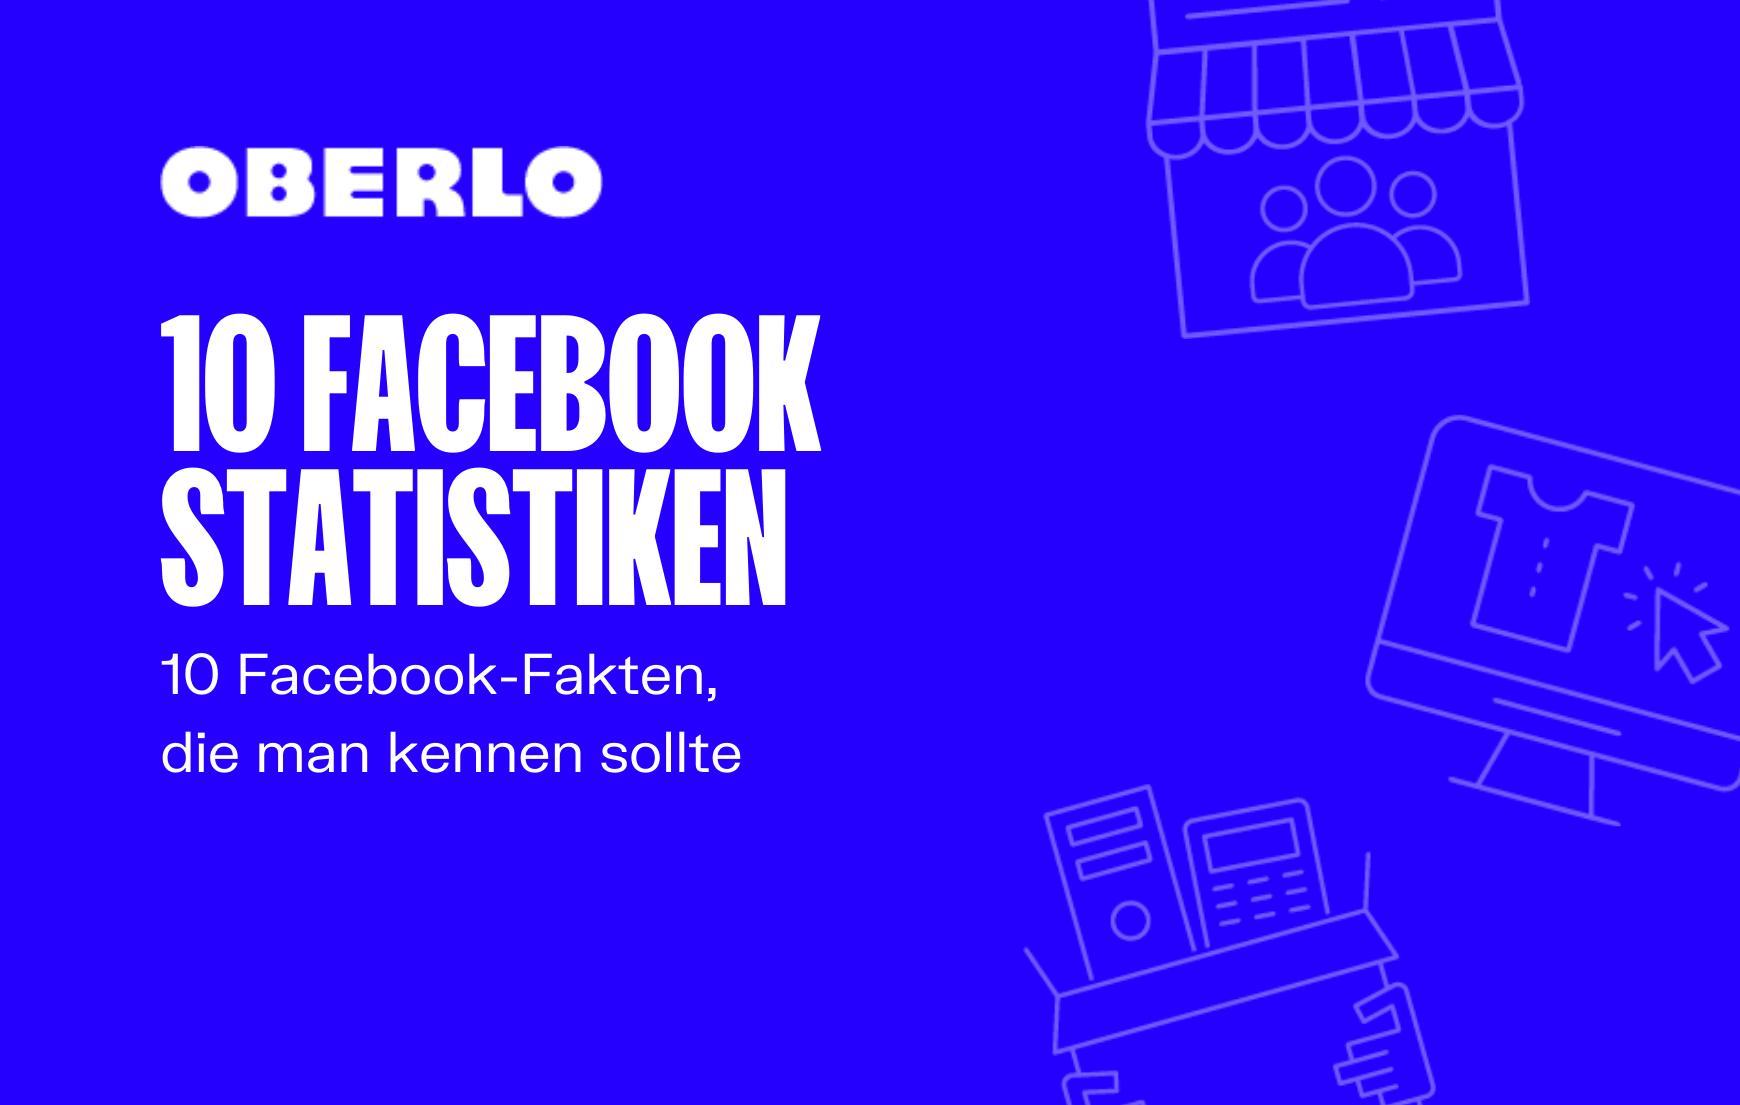 Facebook Neueste Meldungen 2021